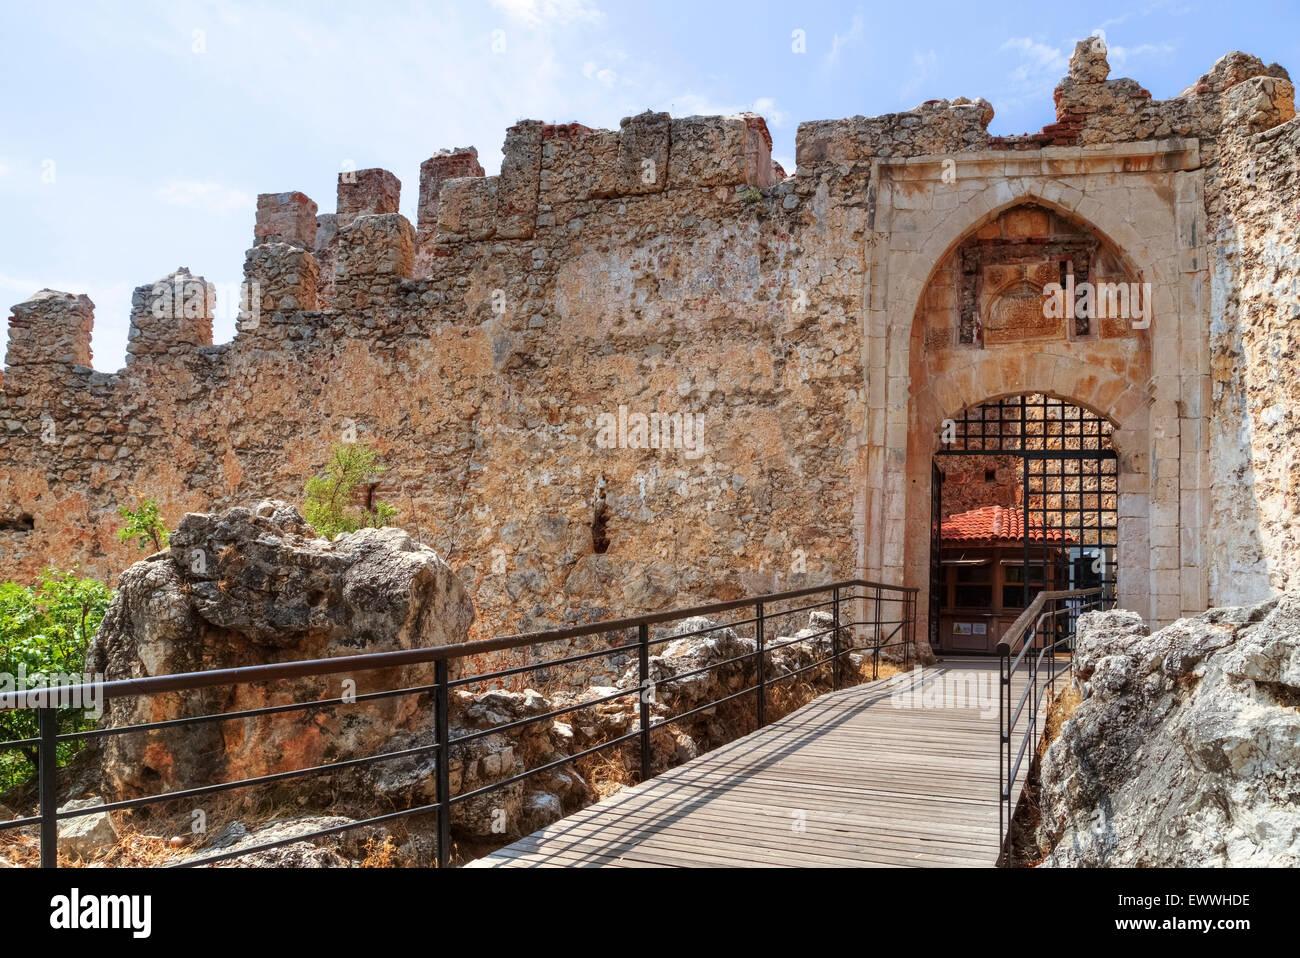 Alanya, Antalya, Anatolia, Turkey - Stock Image